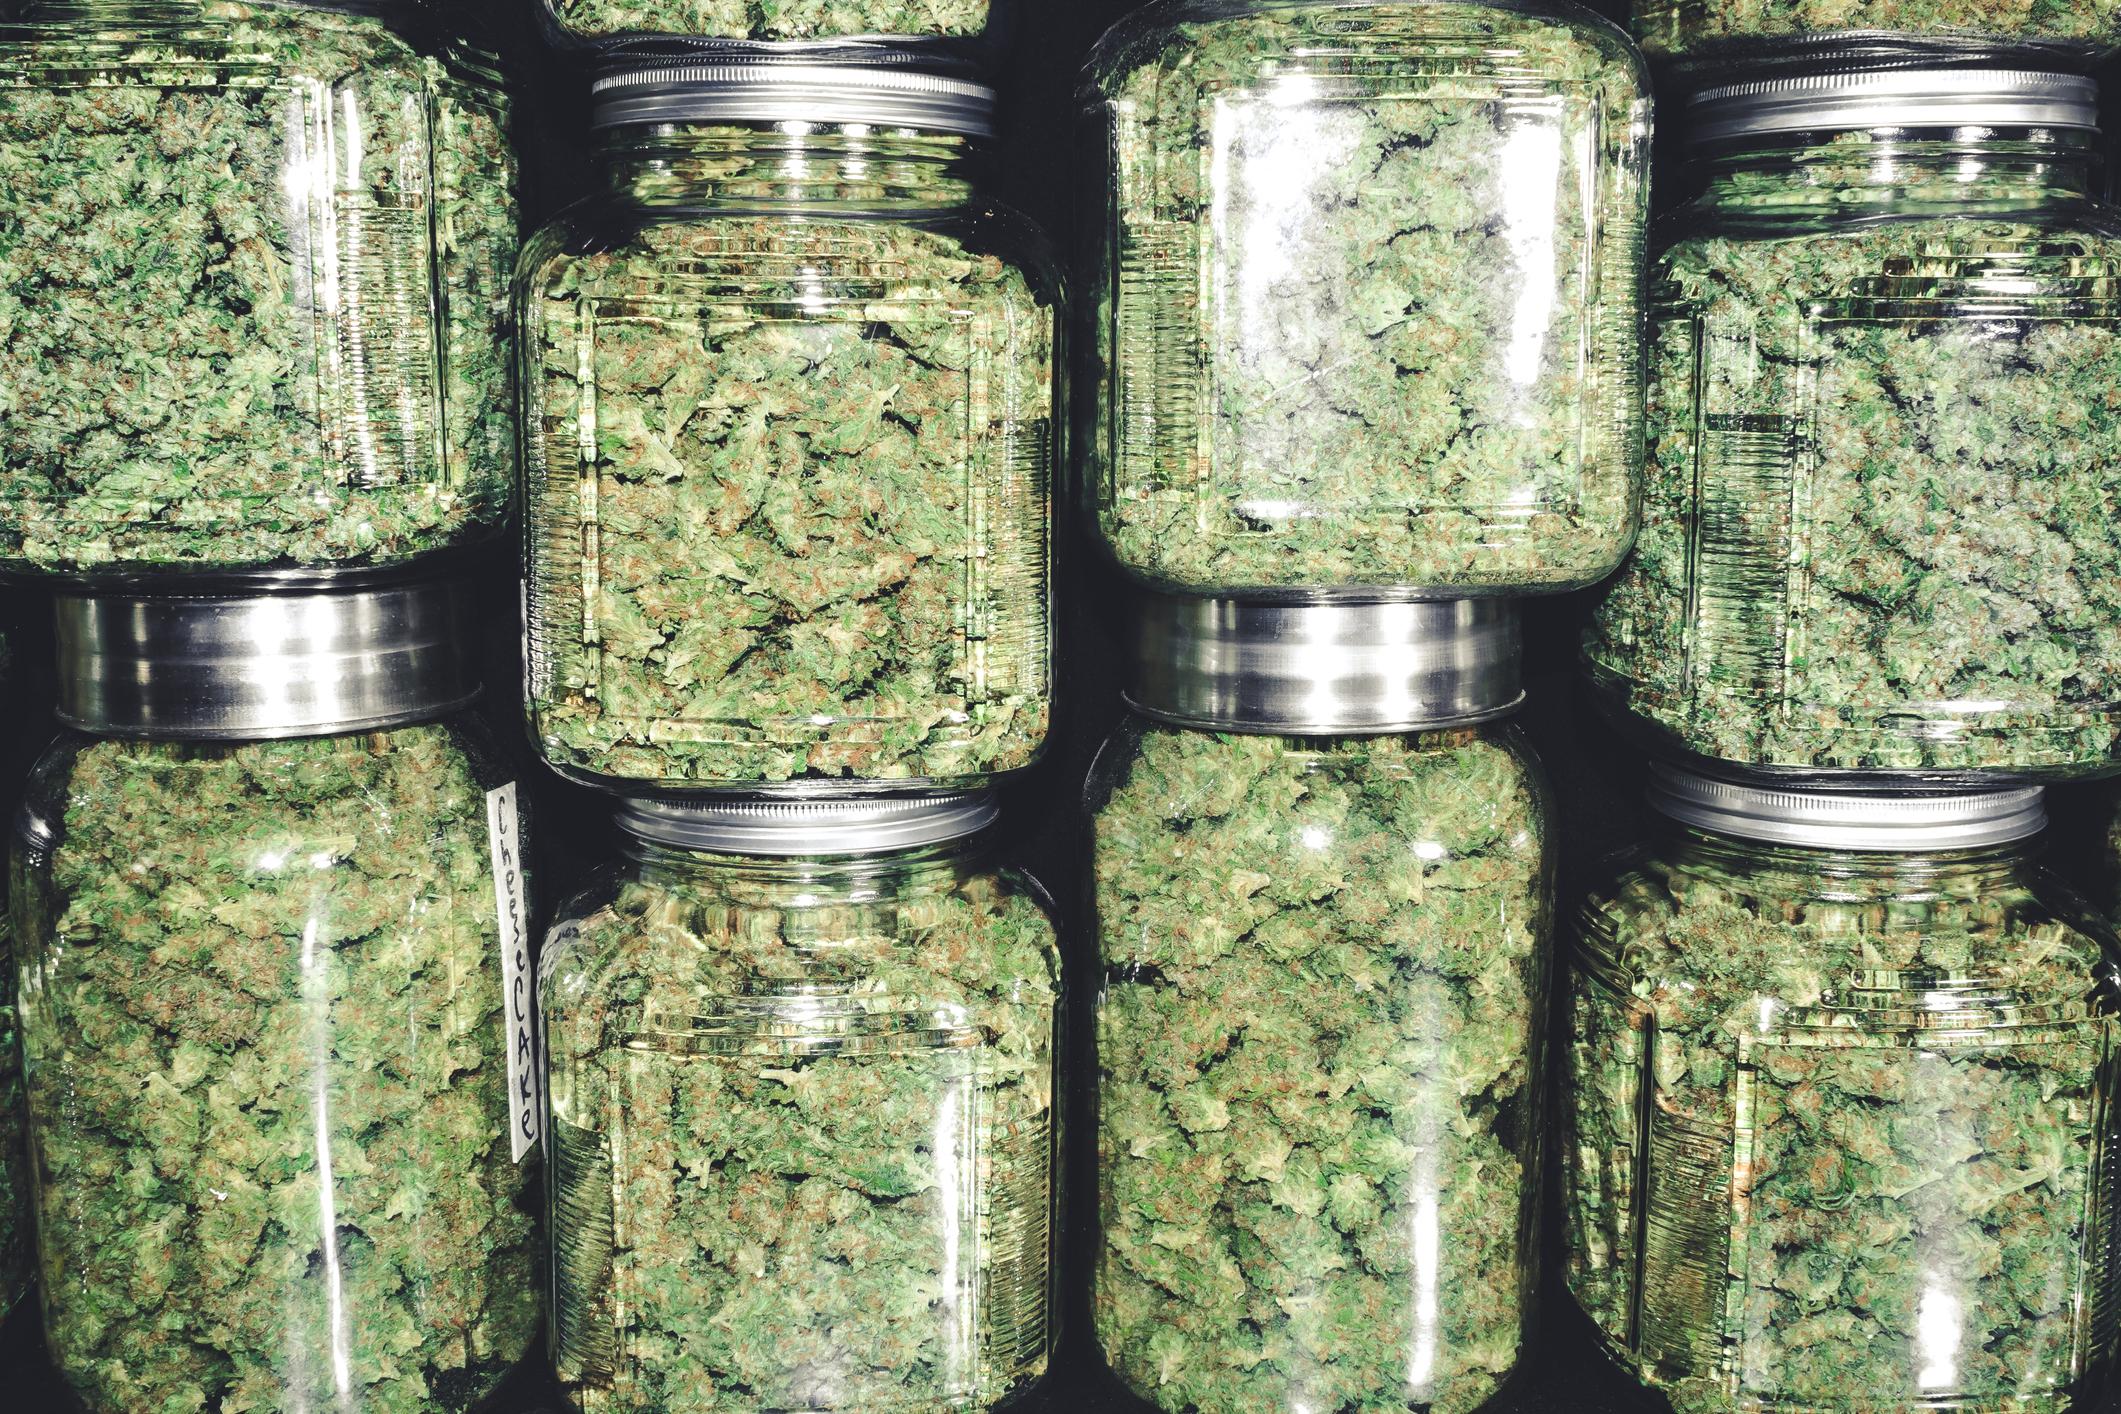 Big mason jars full of marijuana.